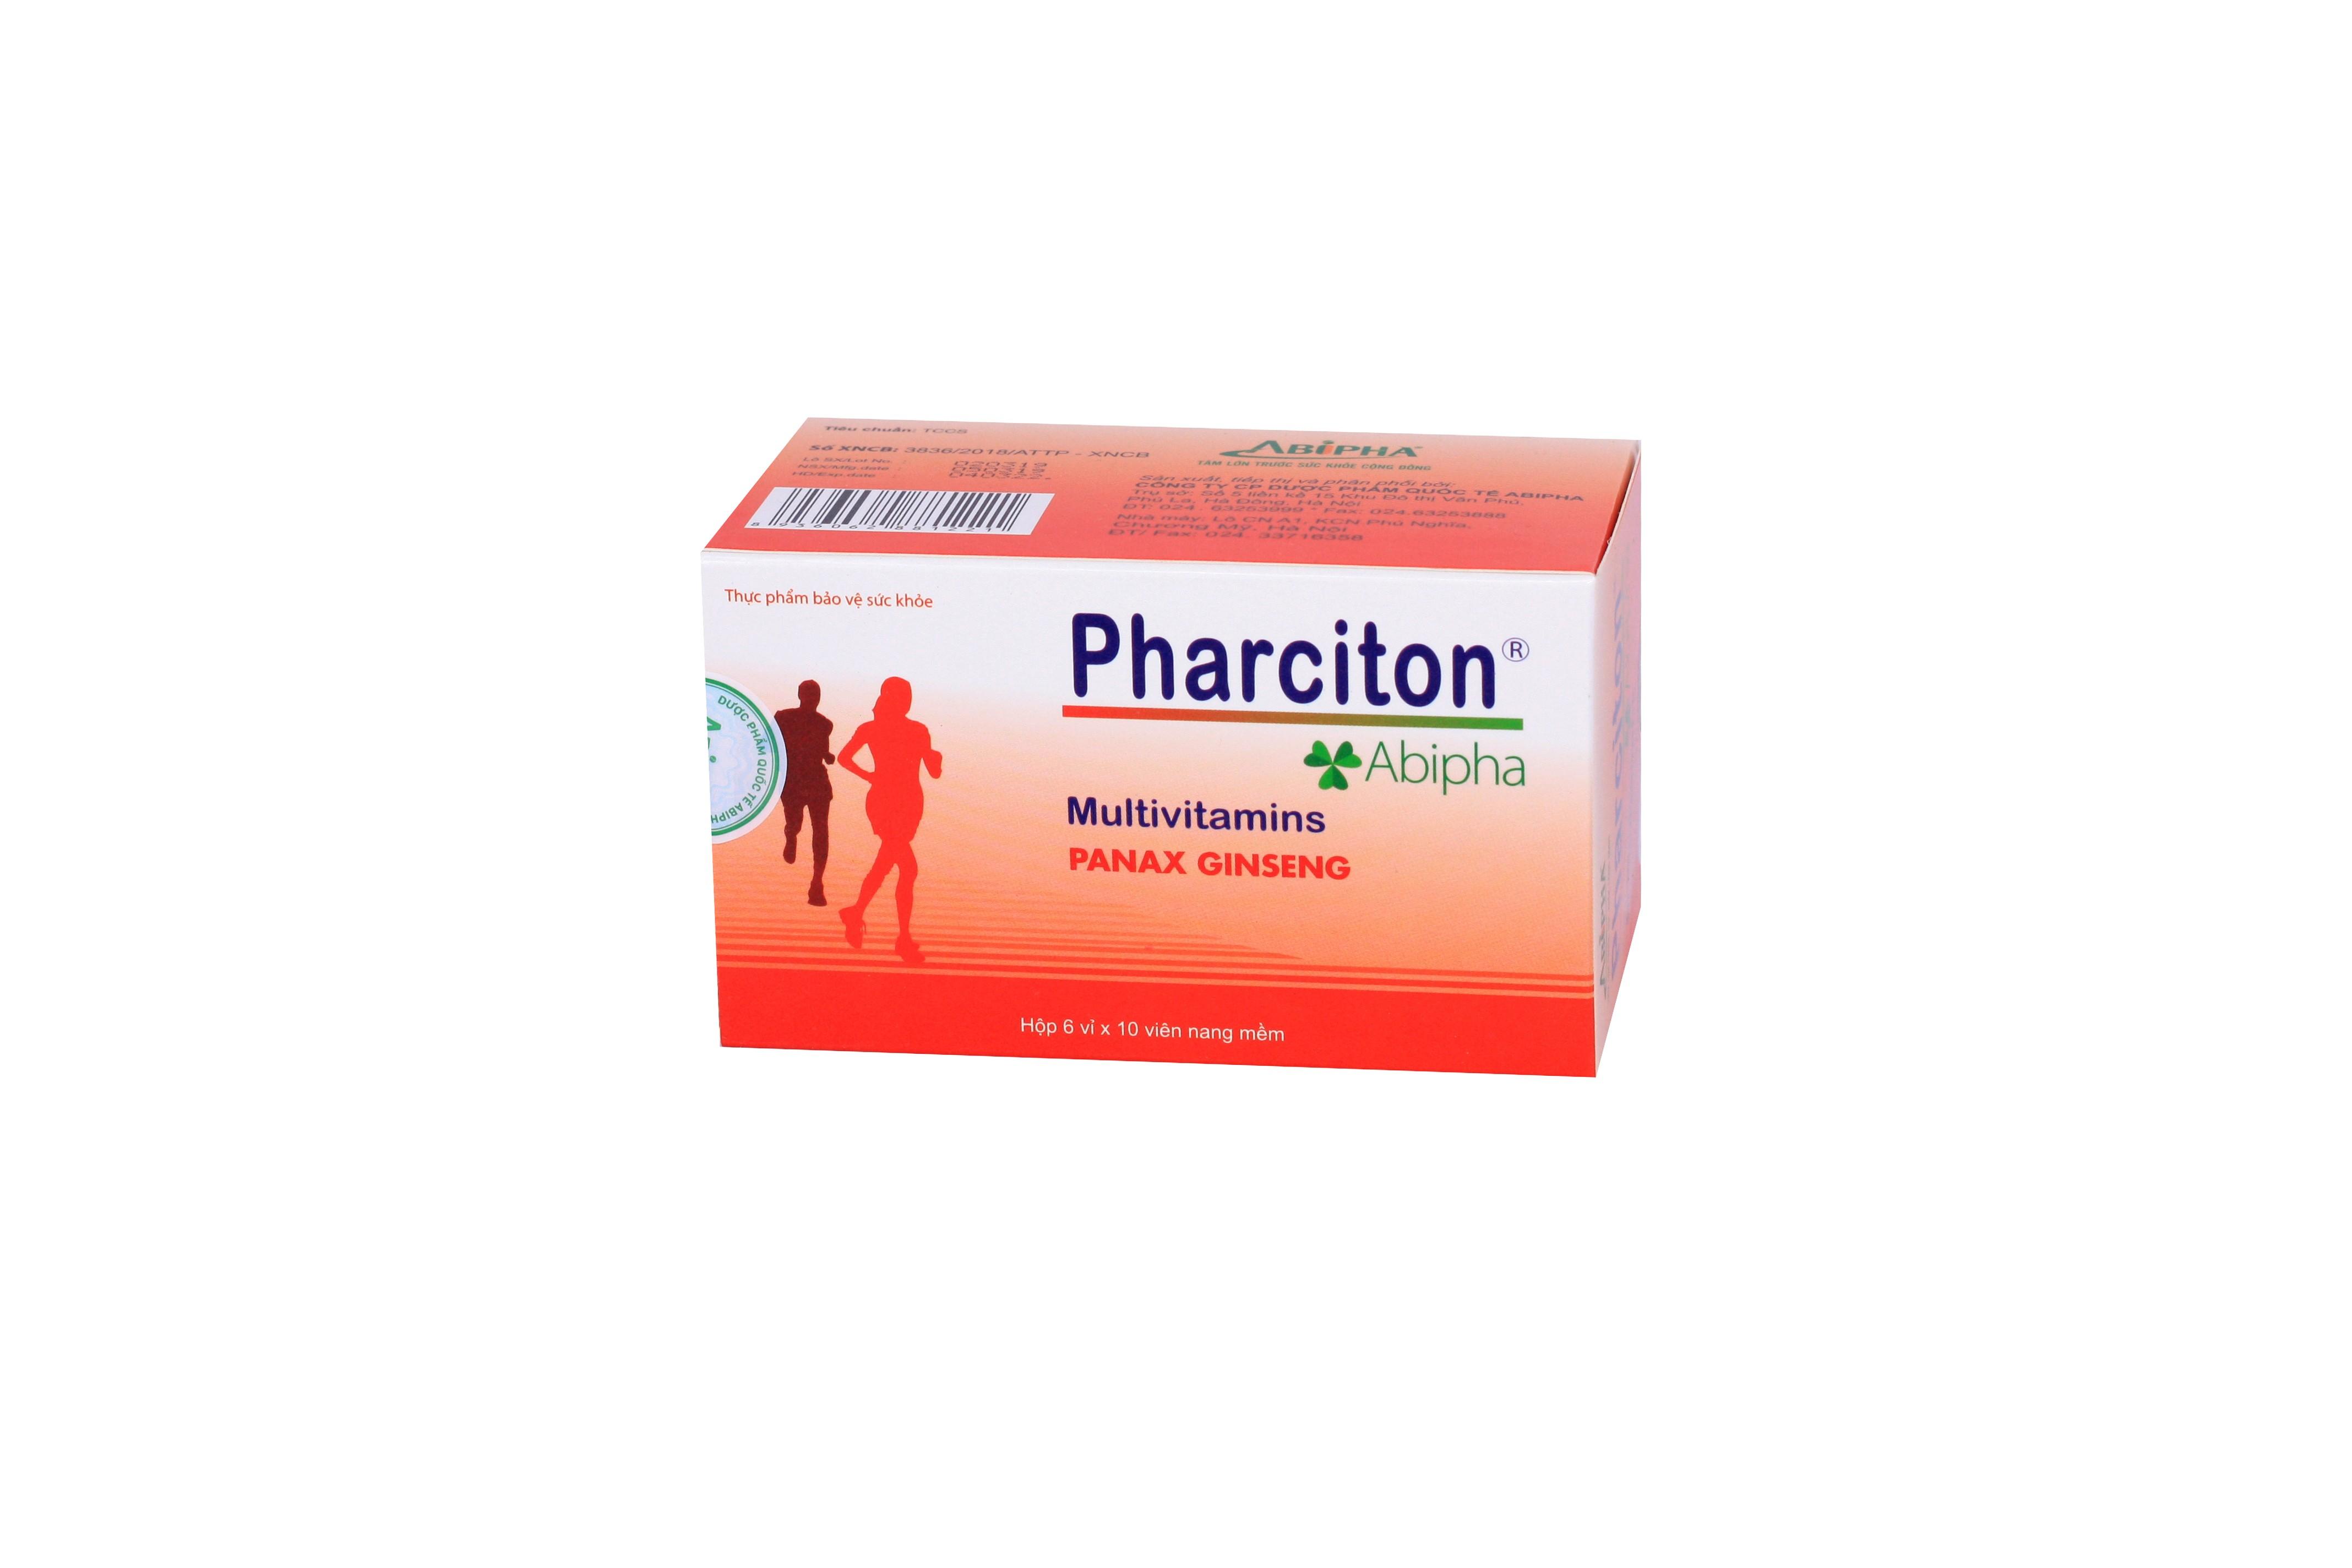 Pharciton